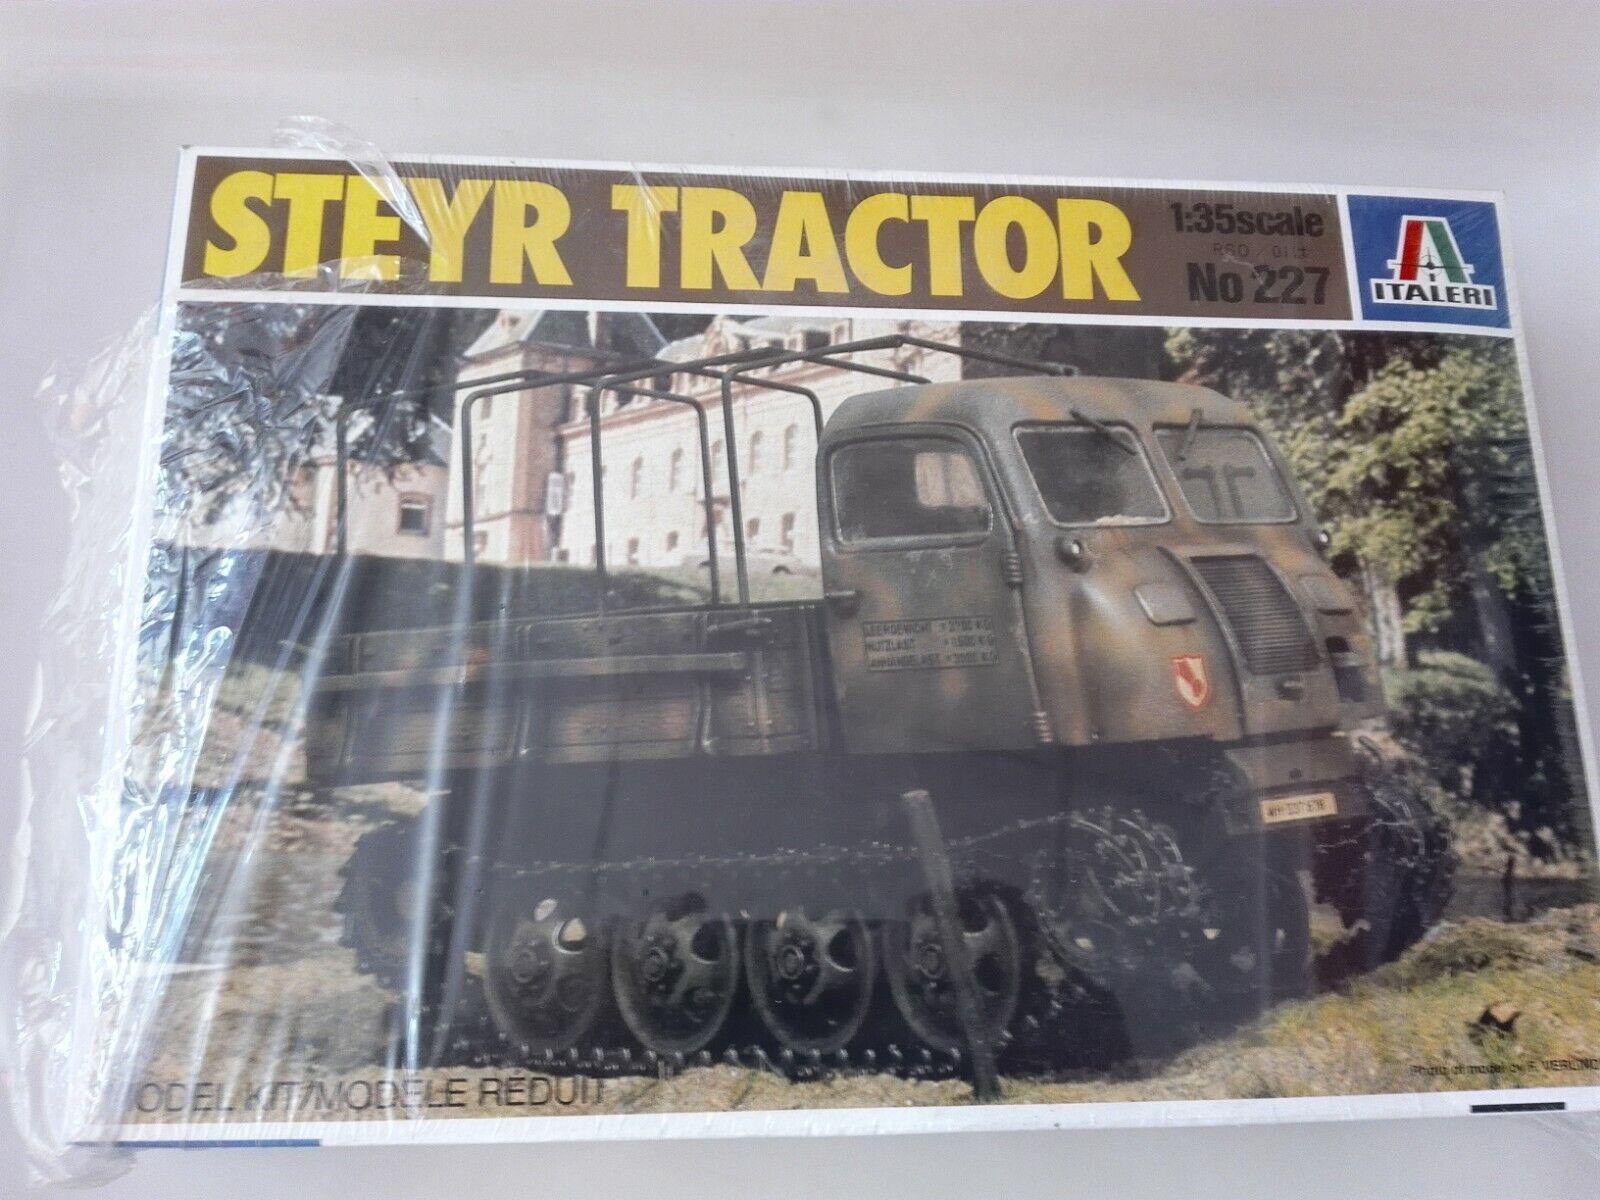 alta calidad y envío rápido STEYR TRACTOR 1 35 35 35 SCALE  ITALERI  60% de descuento